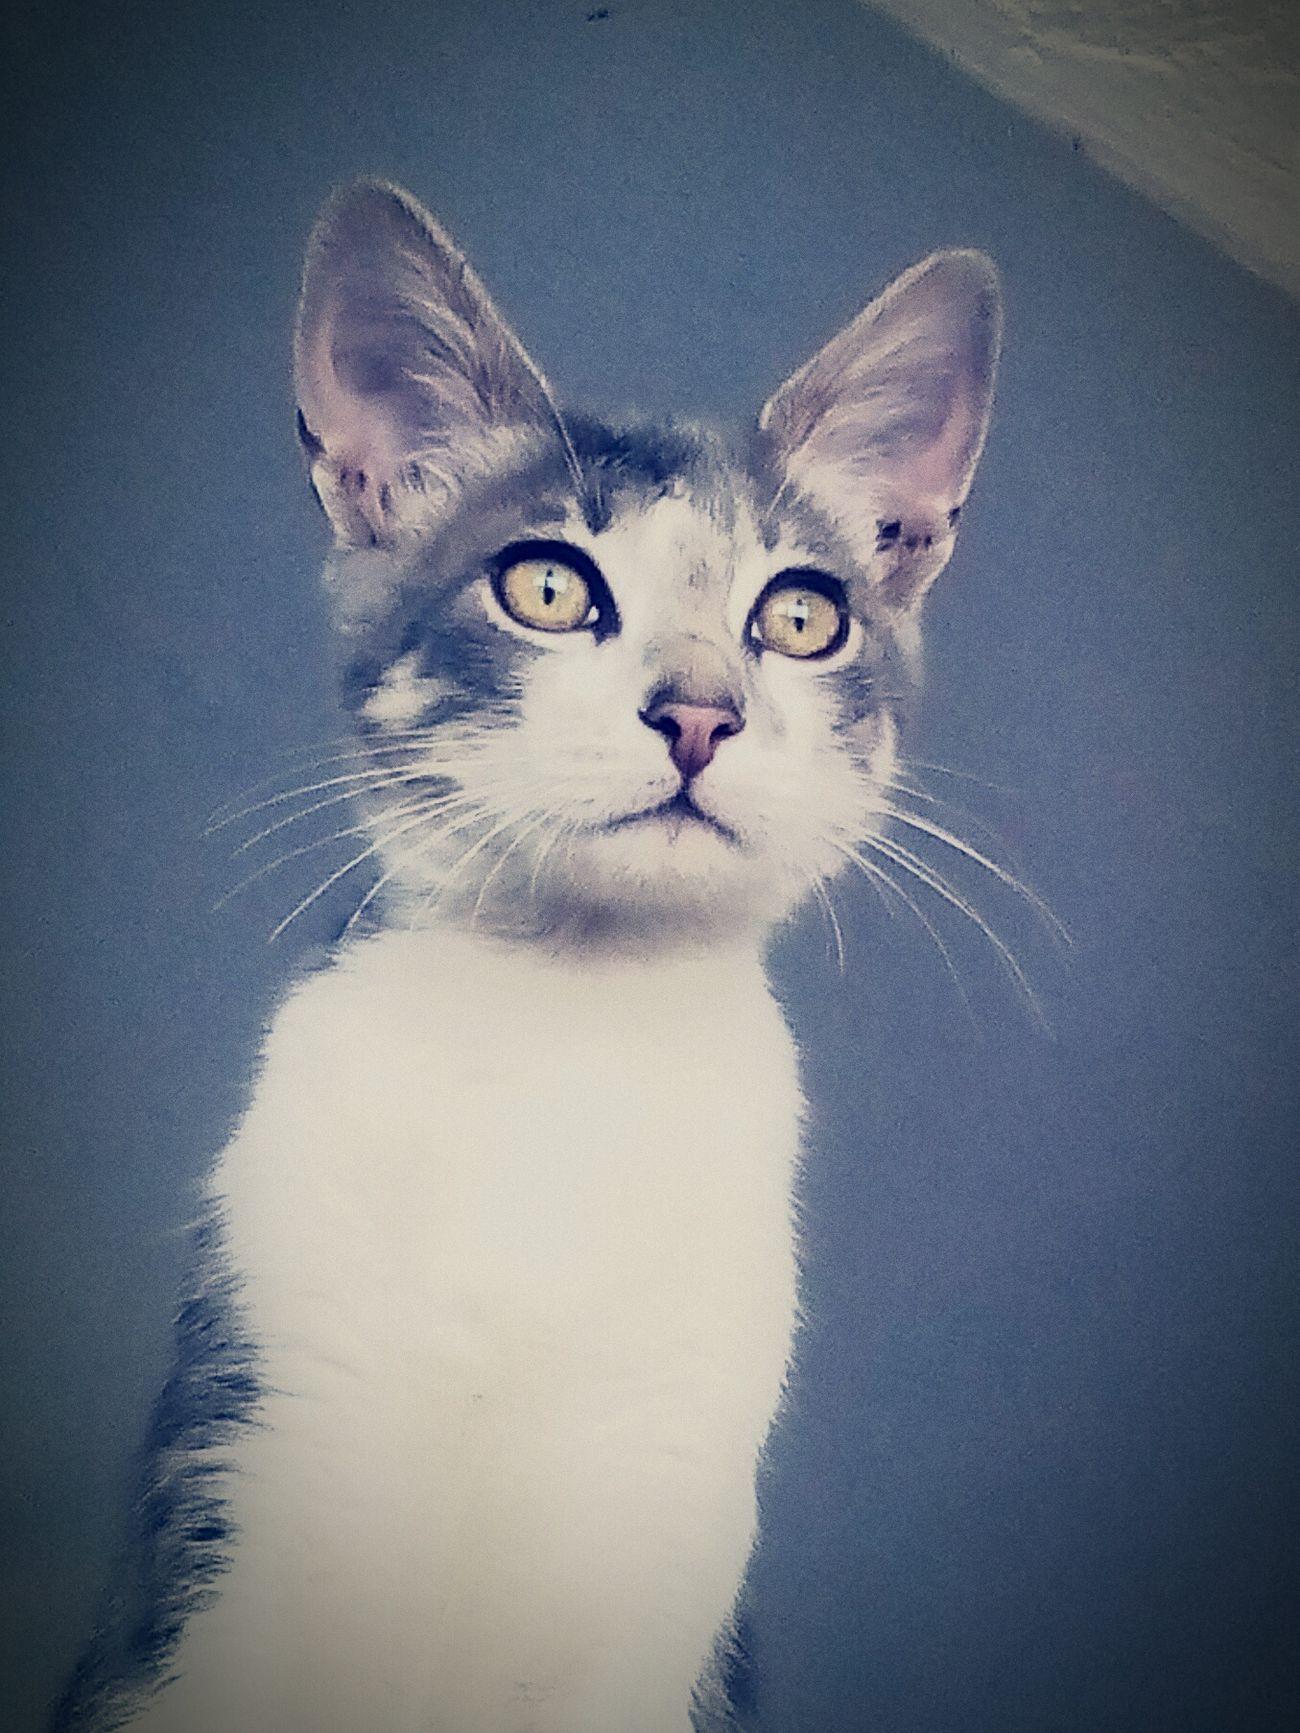 Gato azul, Cats , My Cats , Animal Photography